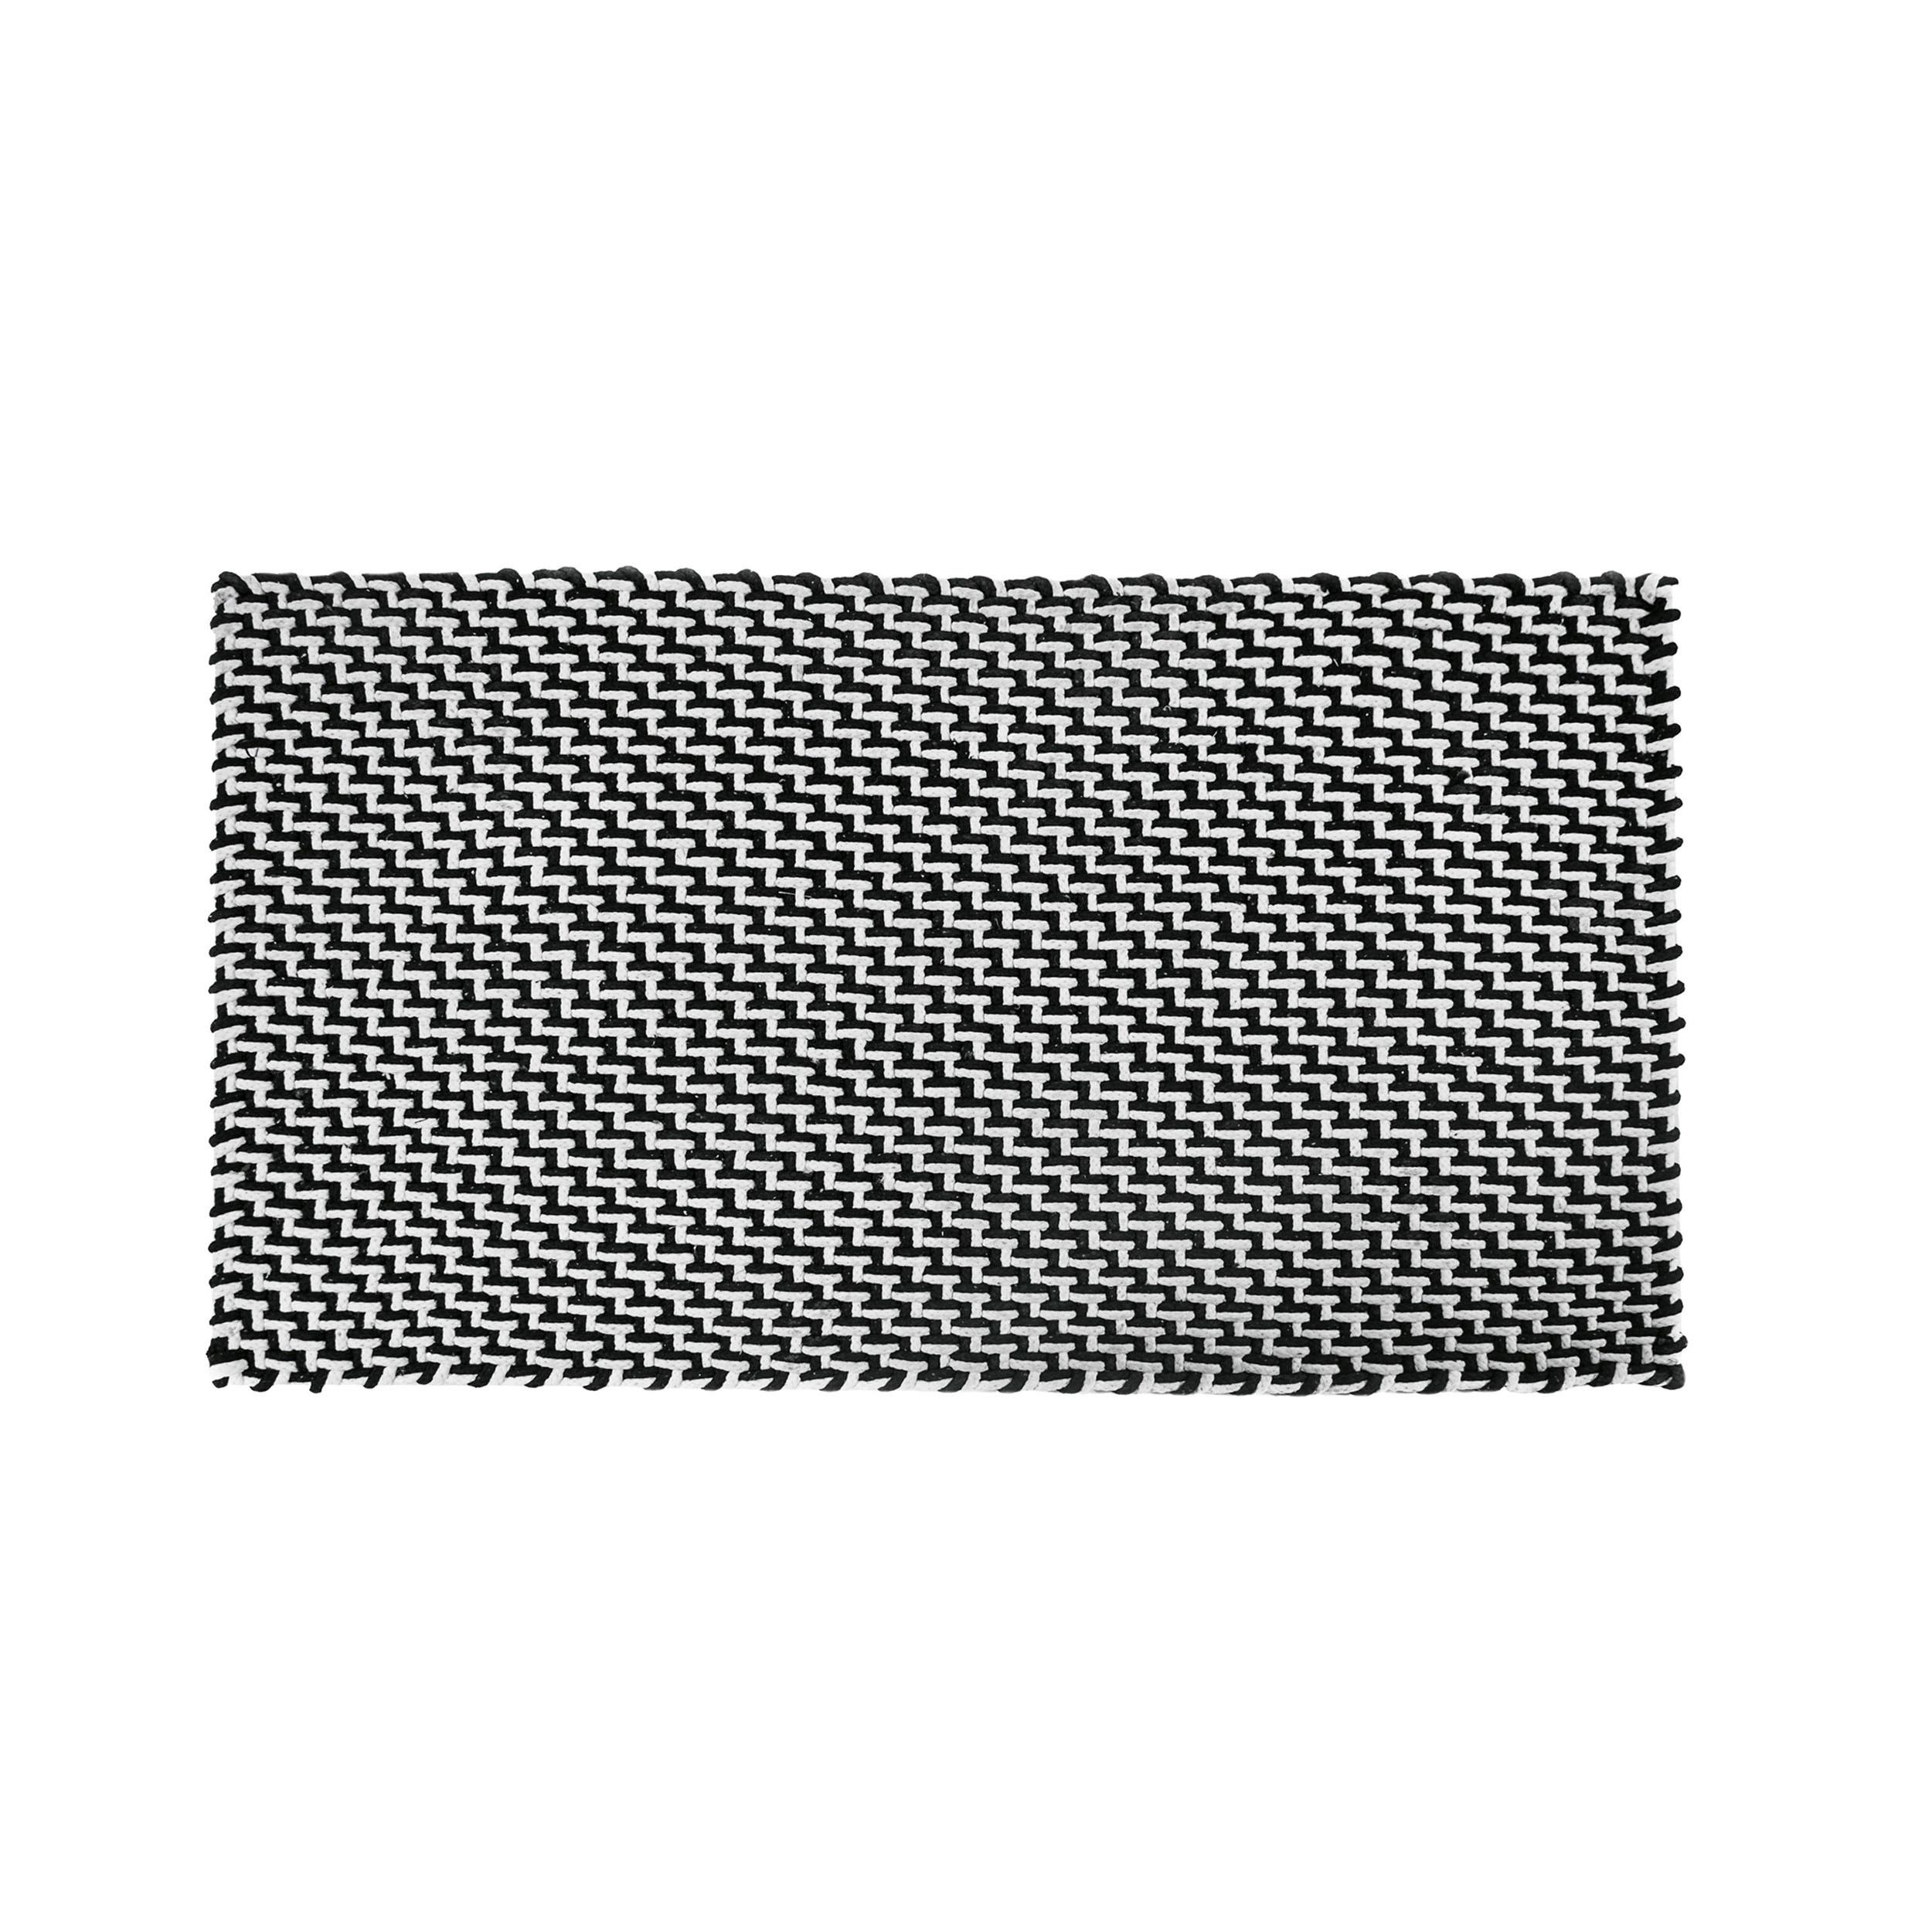 pool fu matte badematte outdoorteppich 92 schwarz wei online kaufen bei woonio. Black Bedroom Furniture Sets. Home Design Ideas